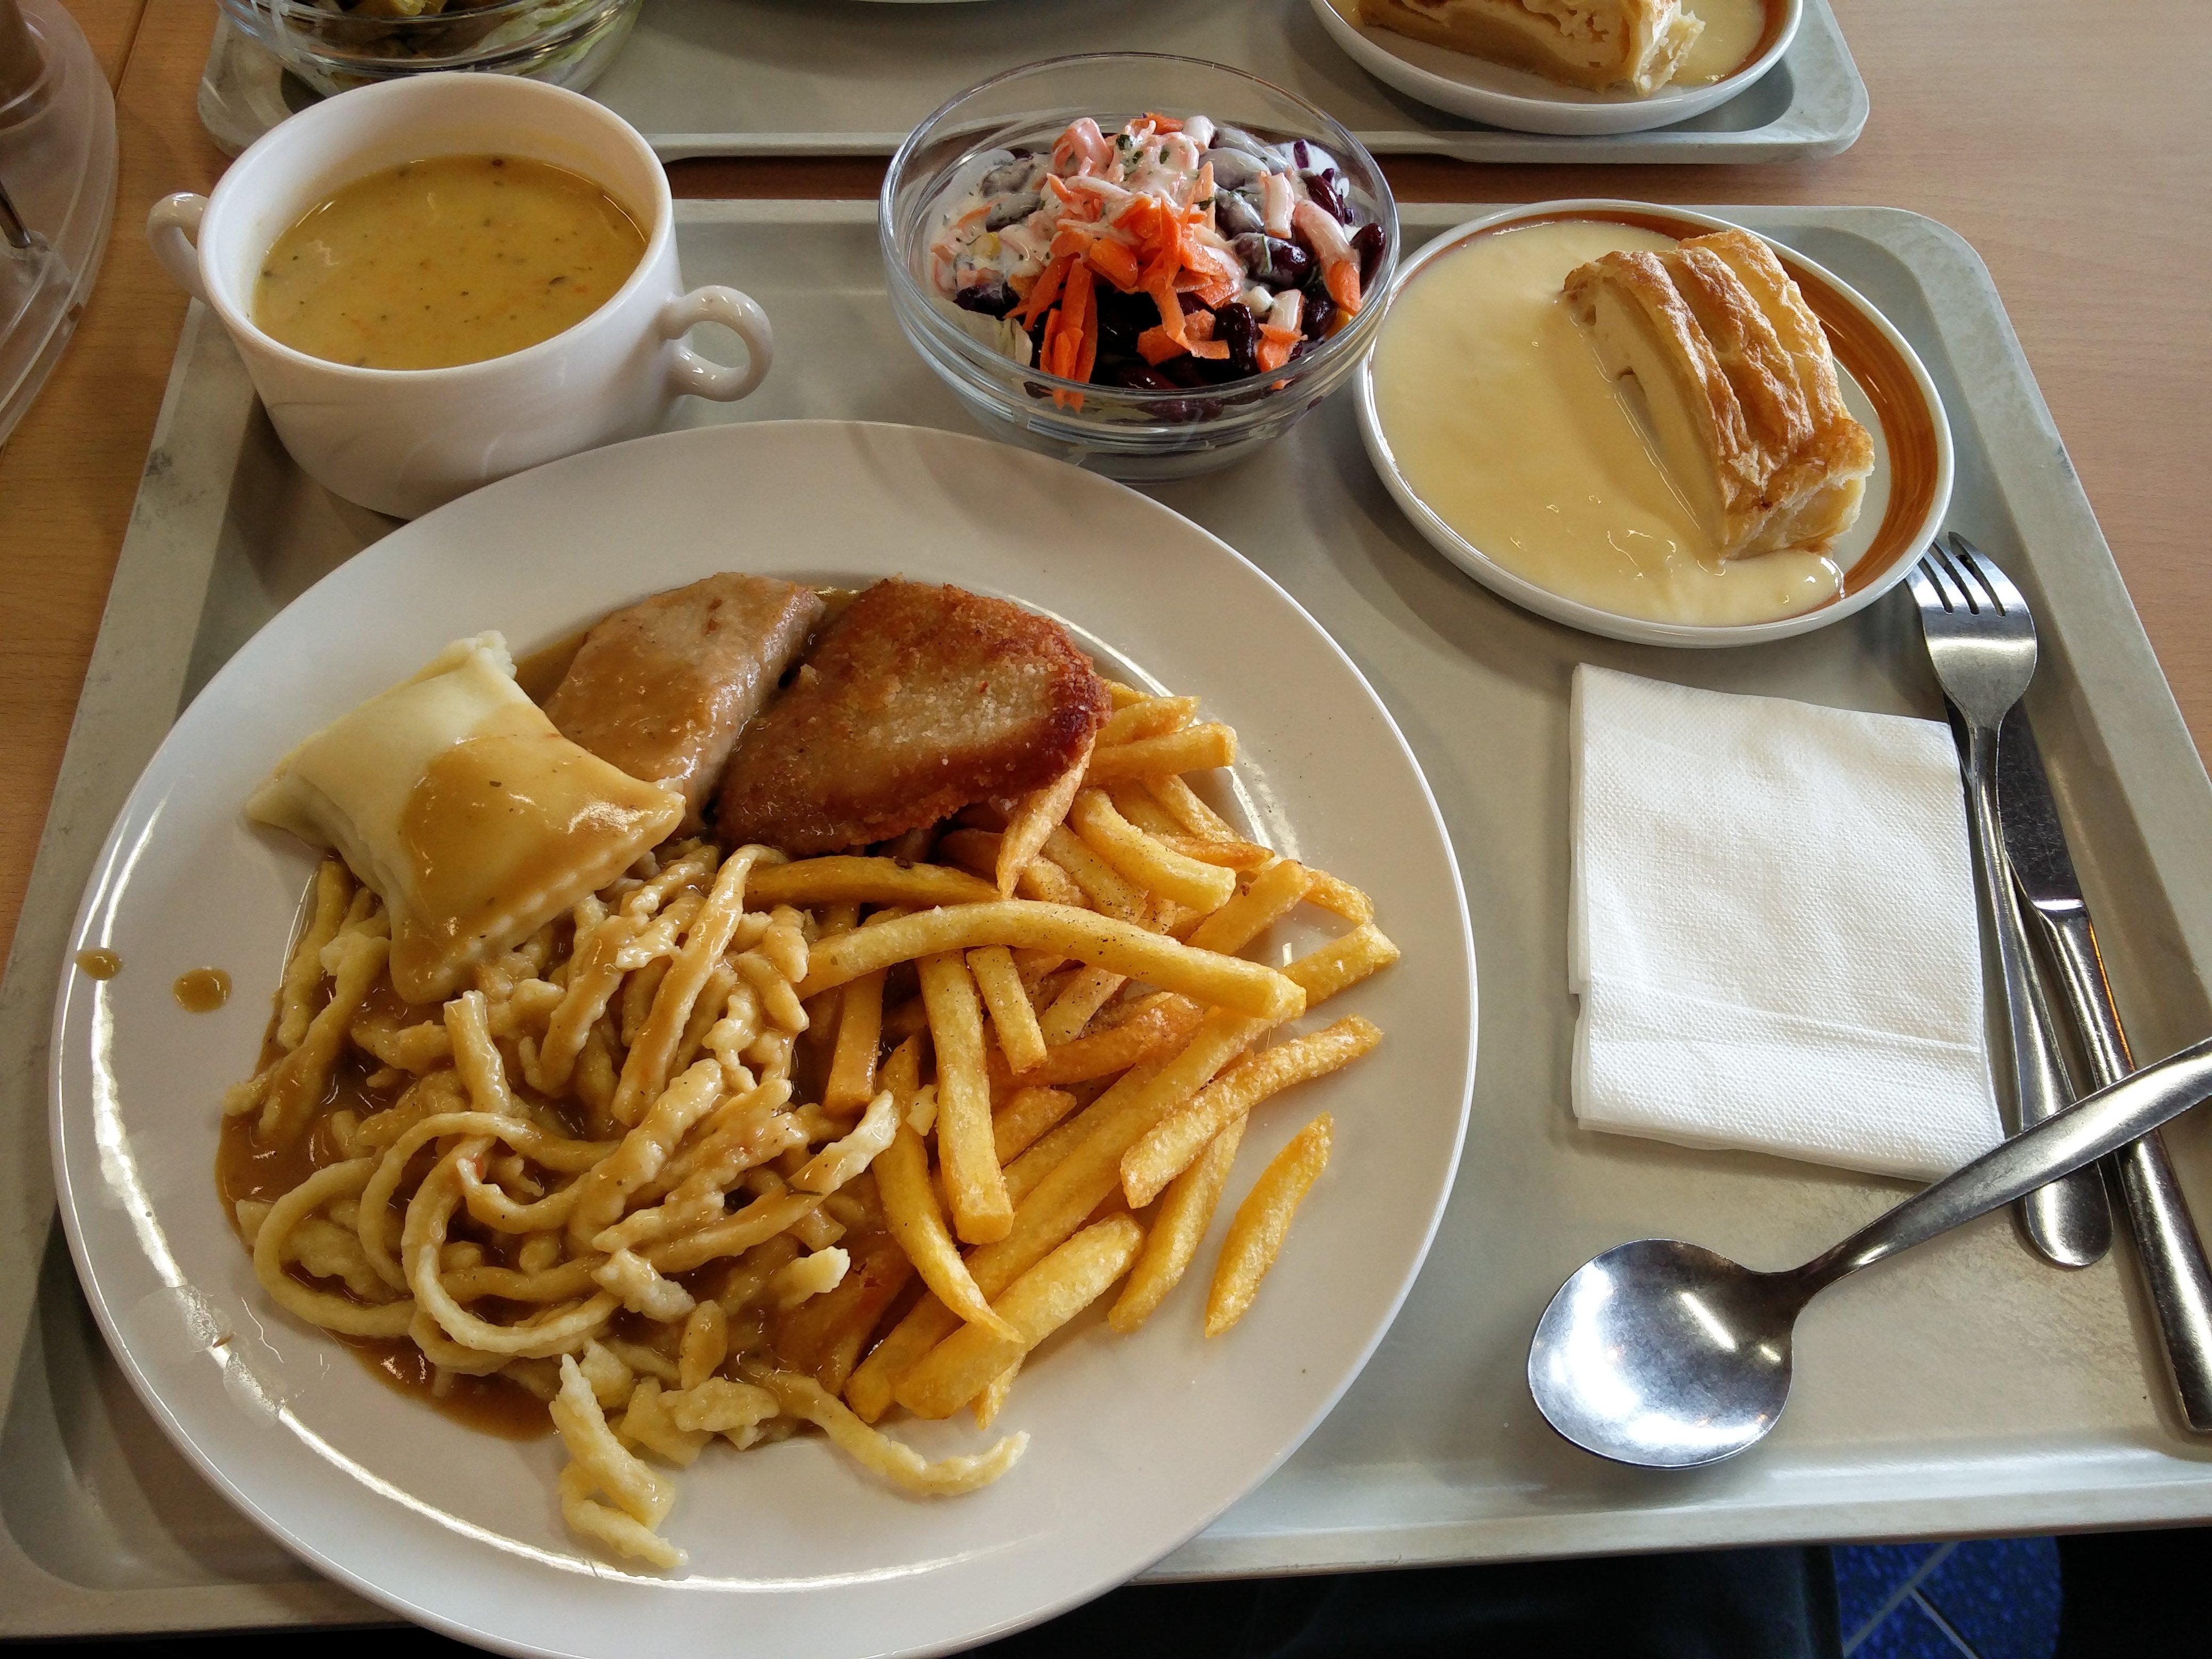 https://foodloader.net/nico_2016-06-16_schwabenteller-mit-pommes-suppe-salat-und-nachtisch.jpg